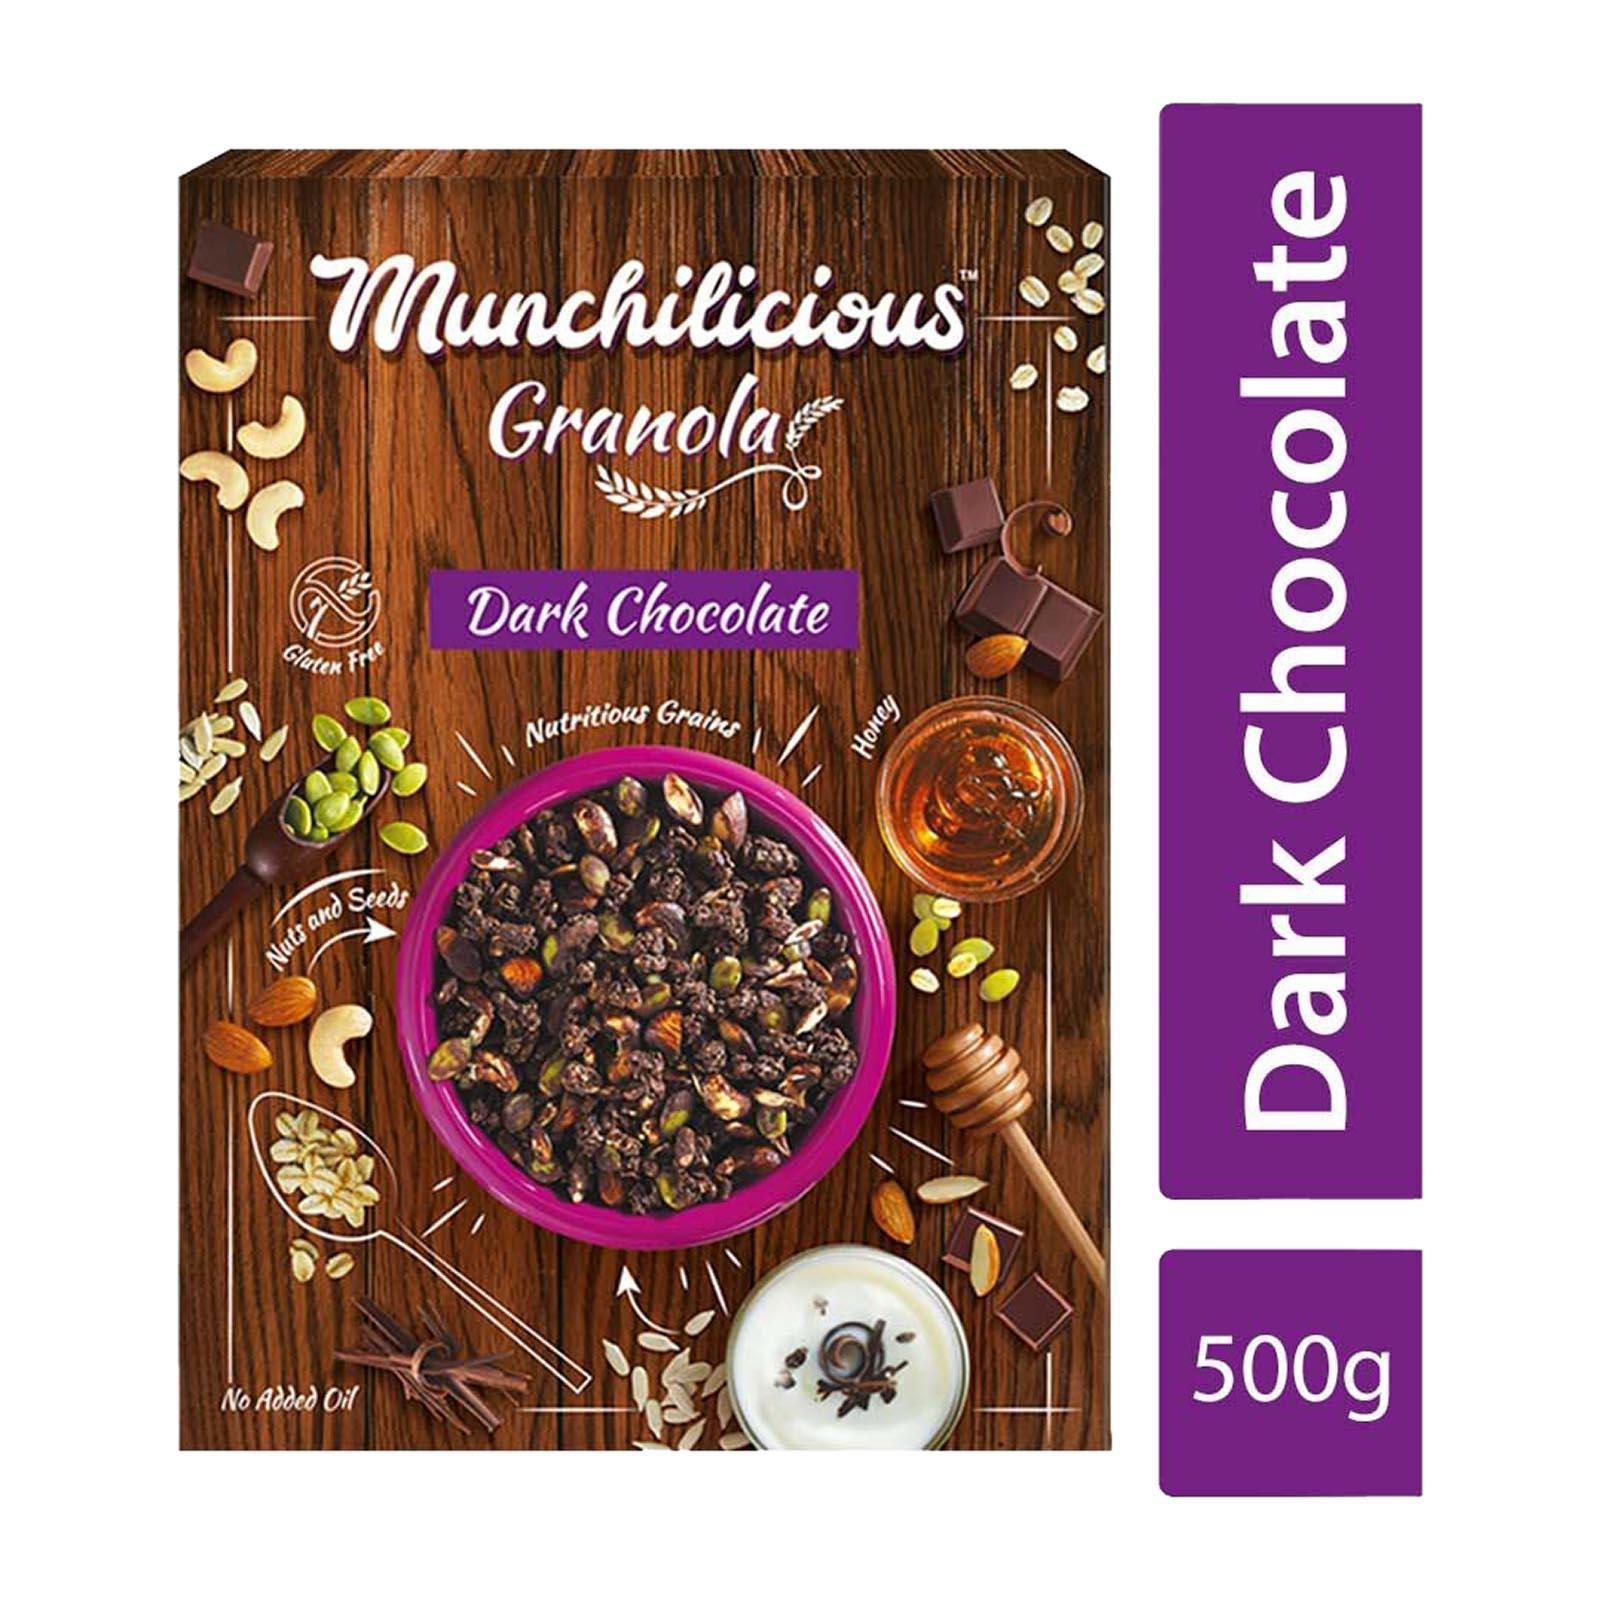 Munchilicious Granola Dark Chocolate